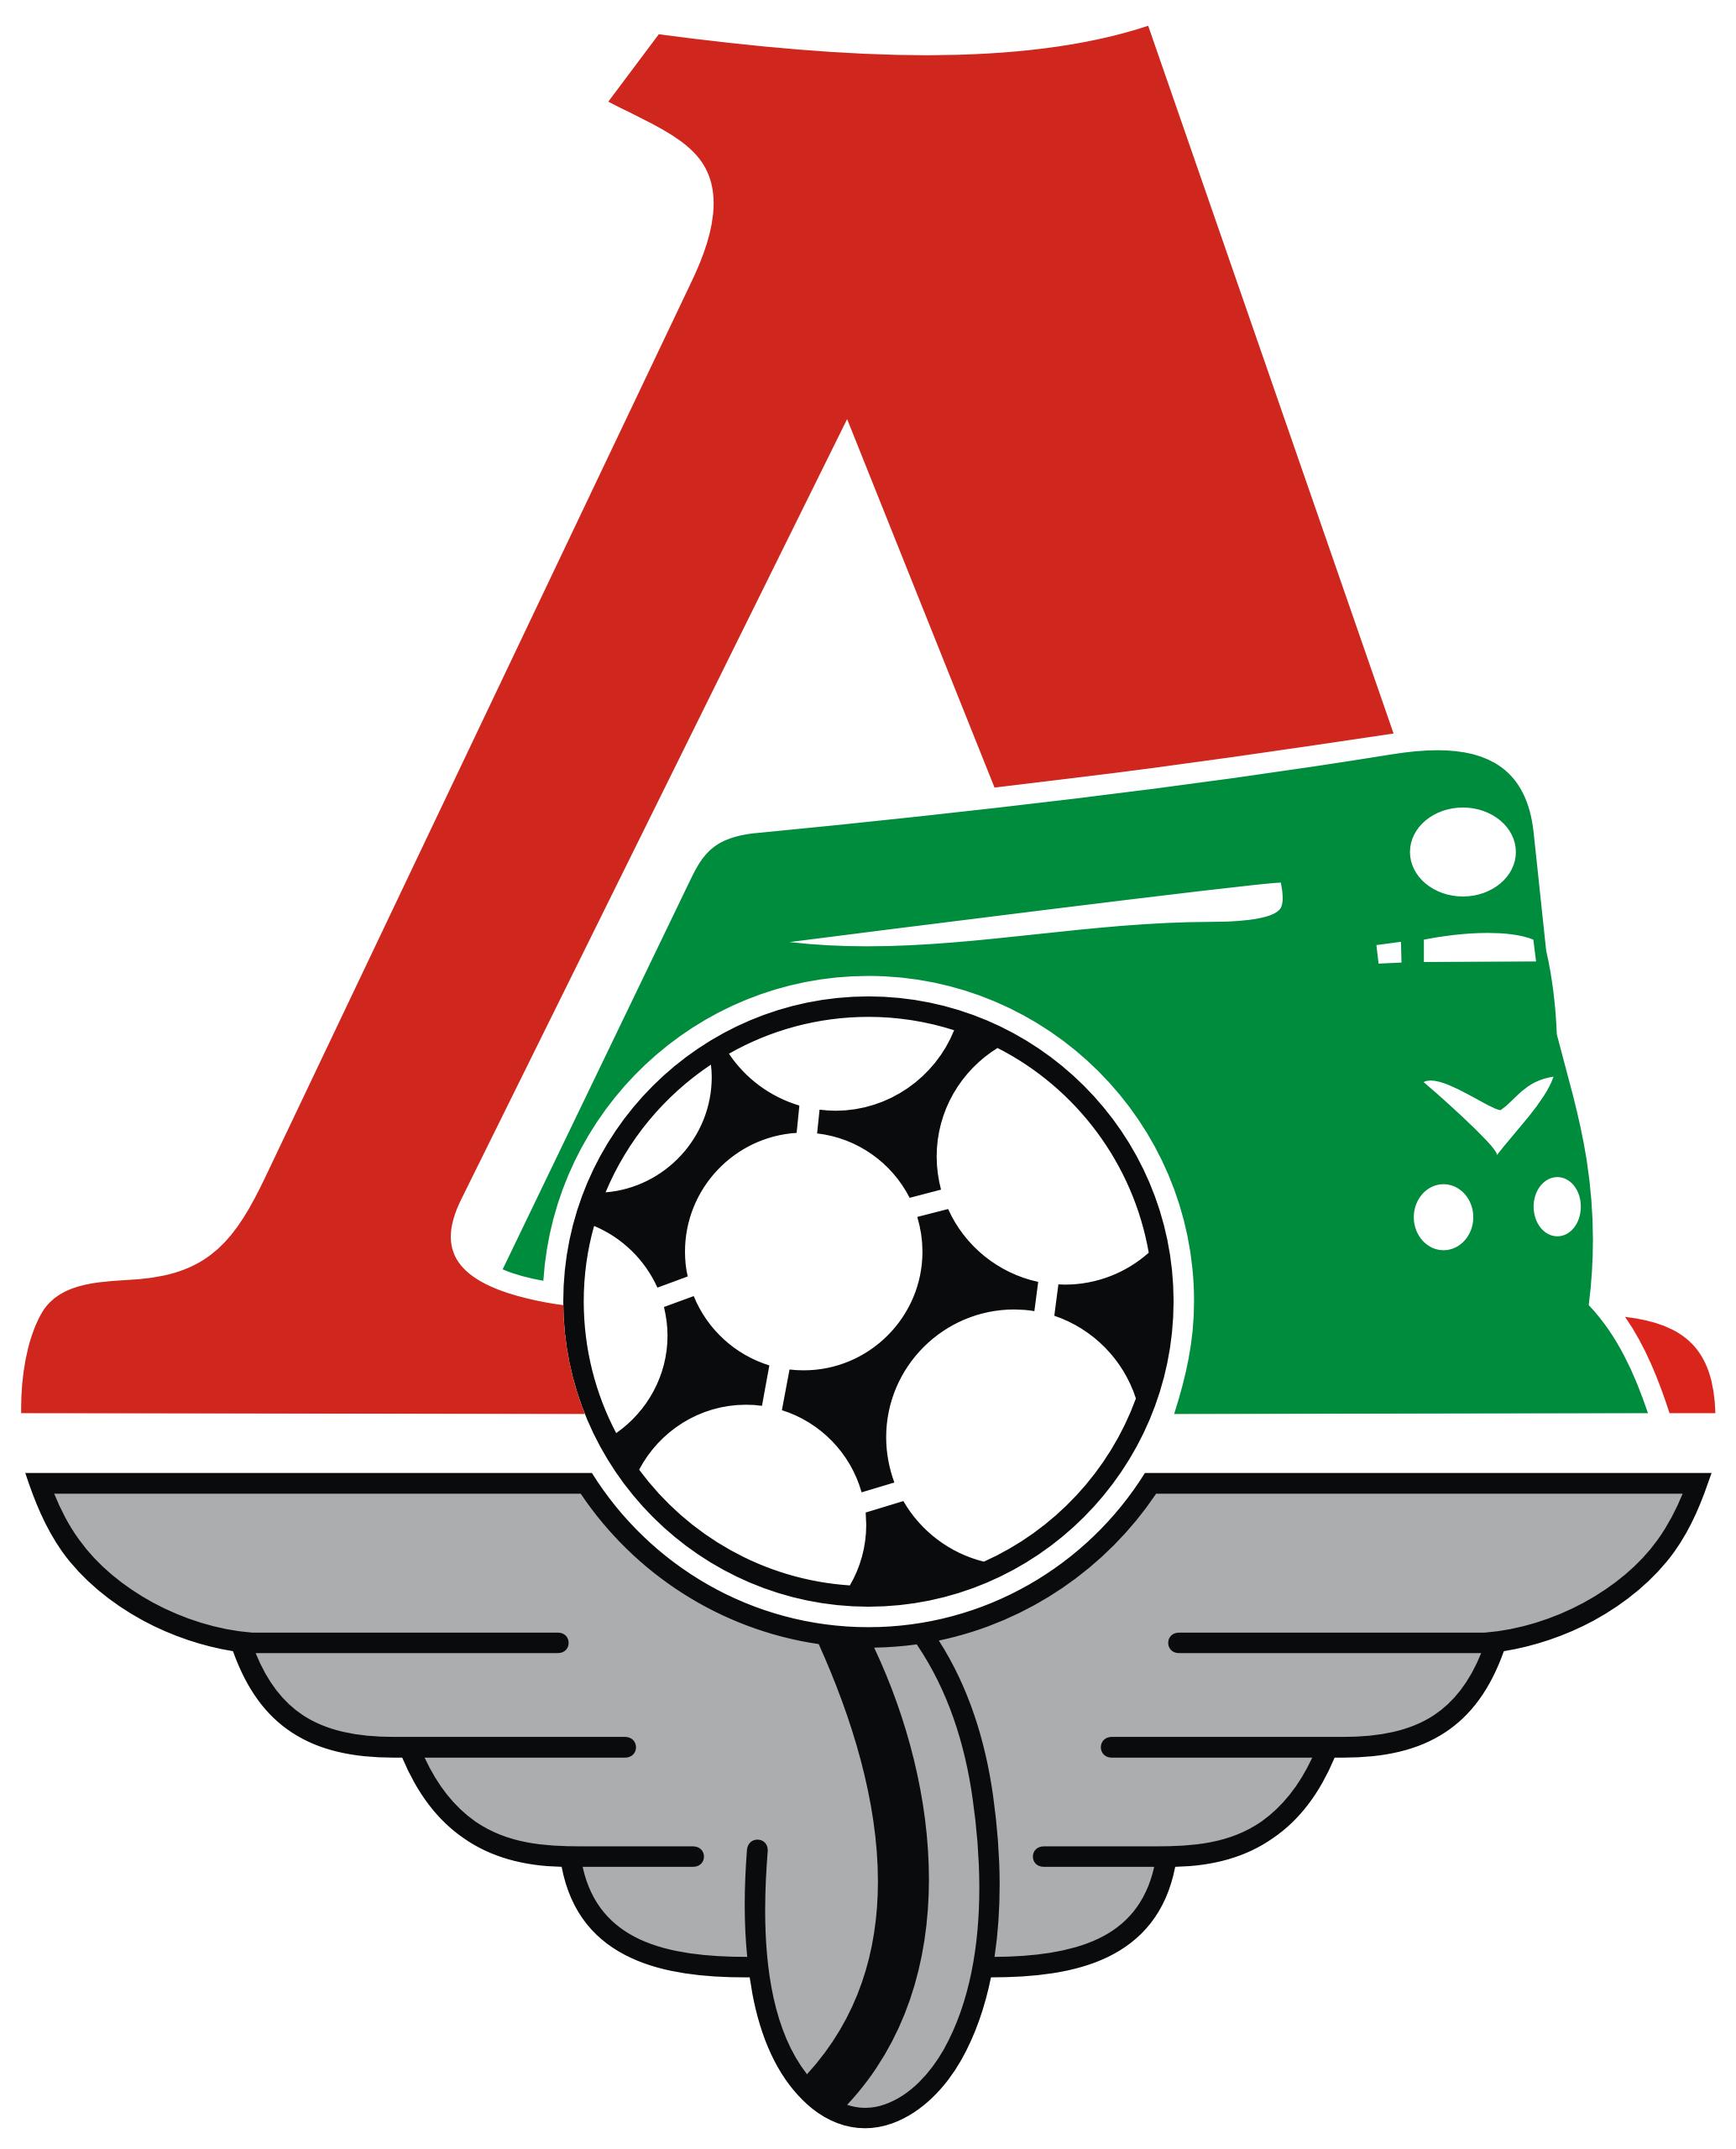 Эмблема ФК «Локомотив Москва»